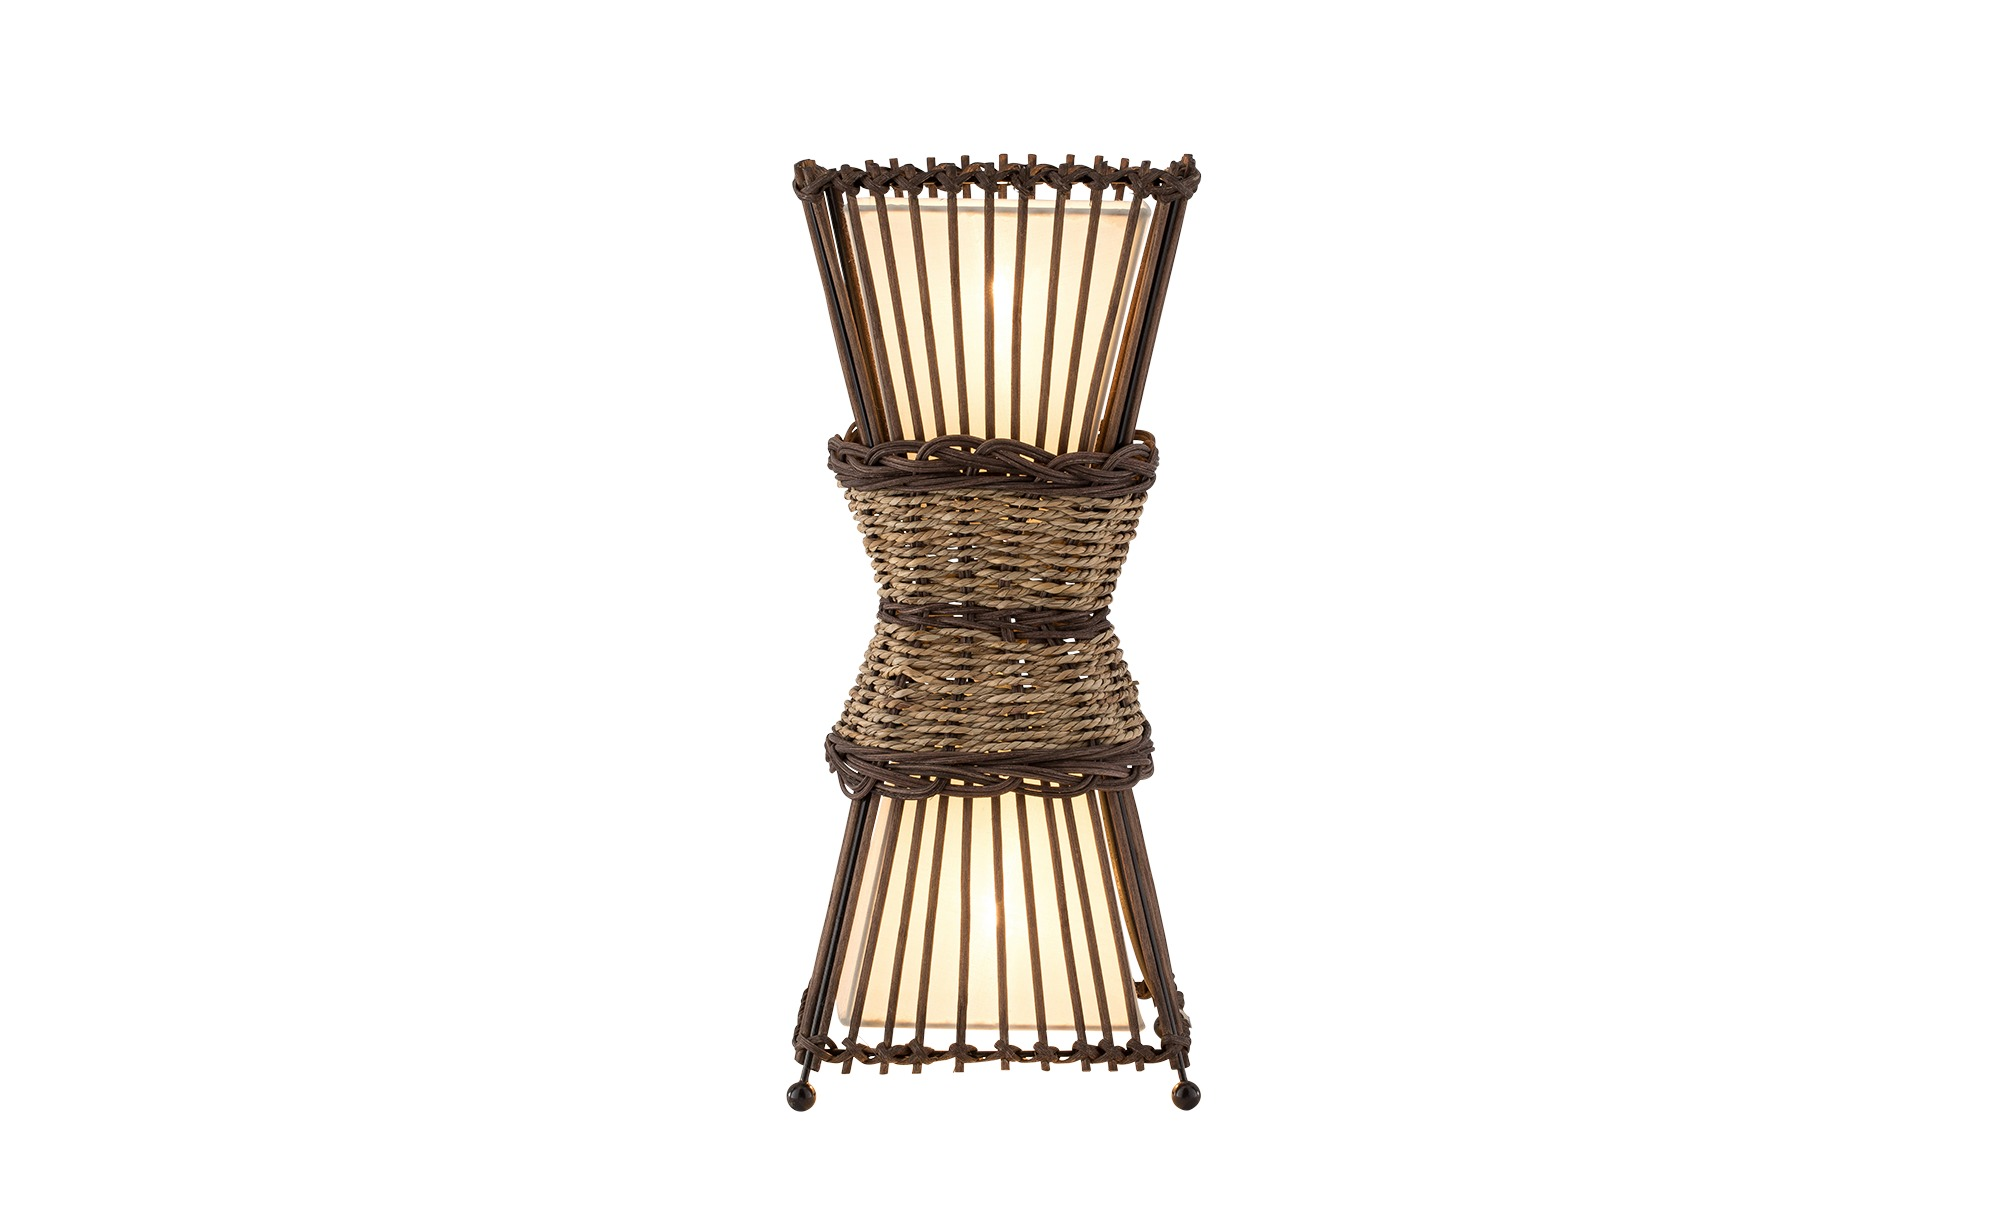 Tischlampe aus Rattan